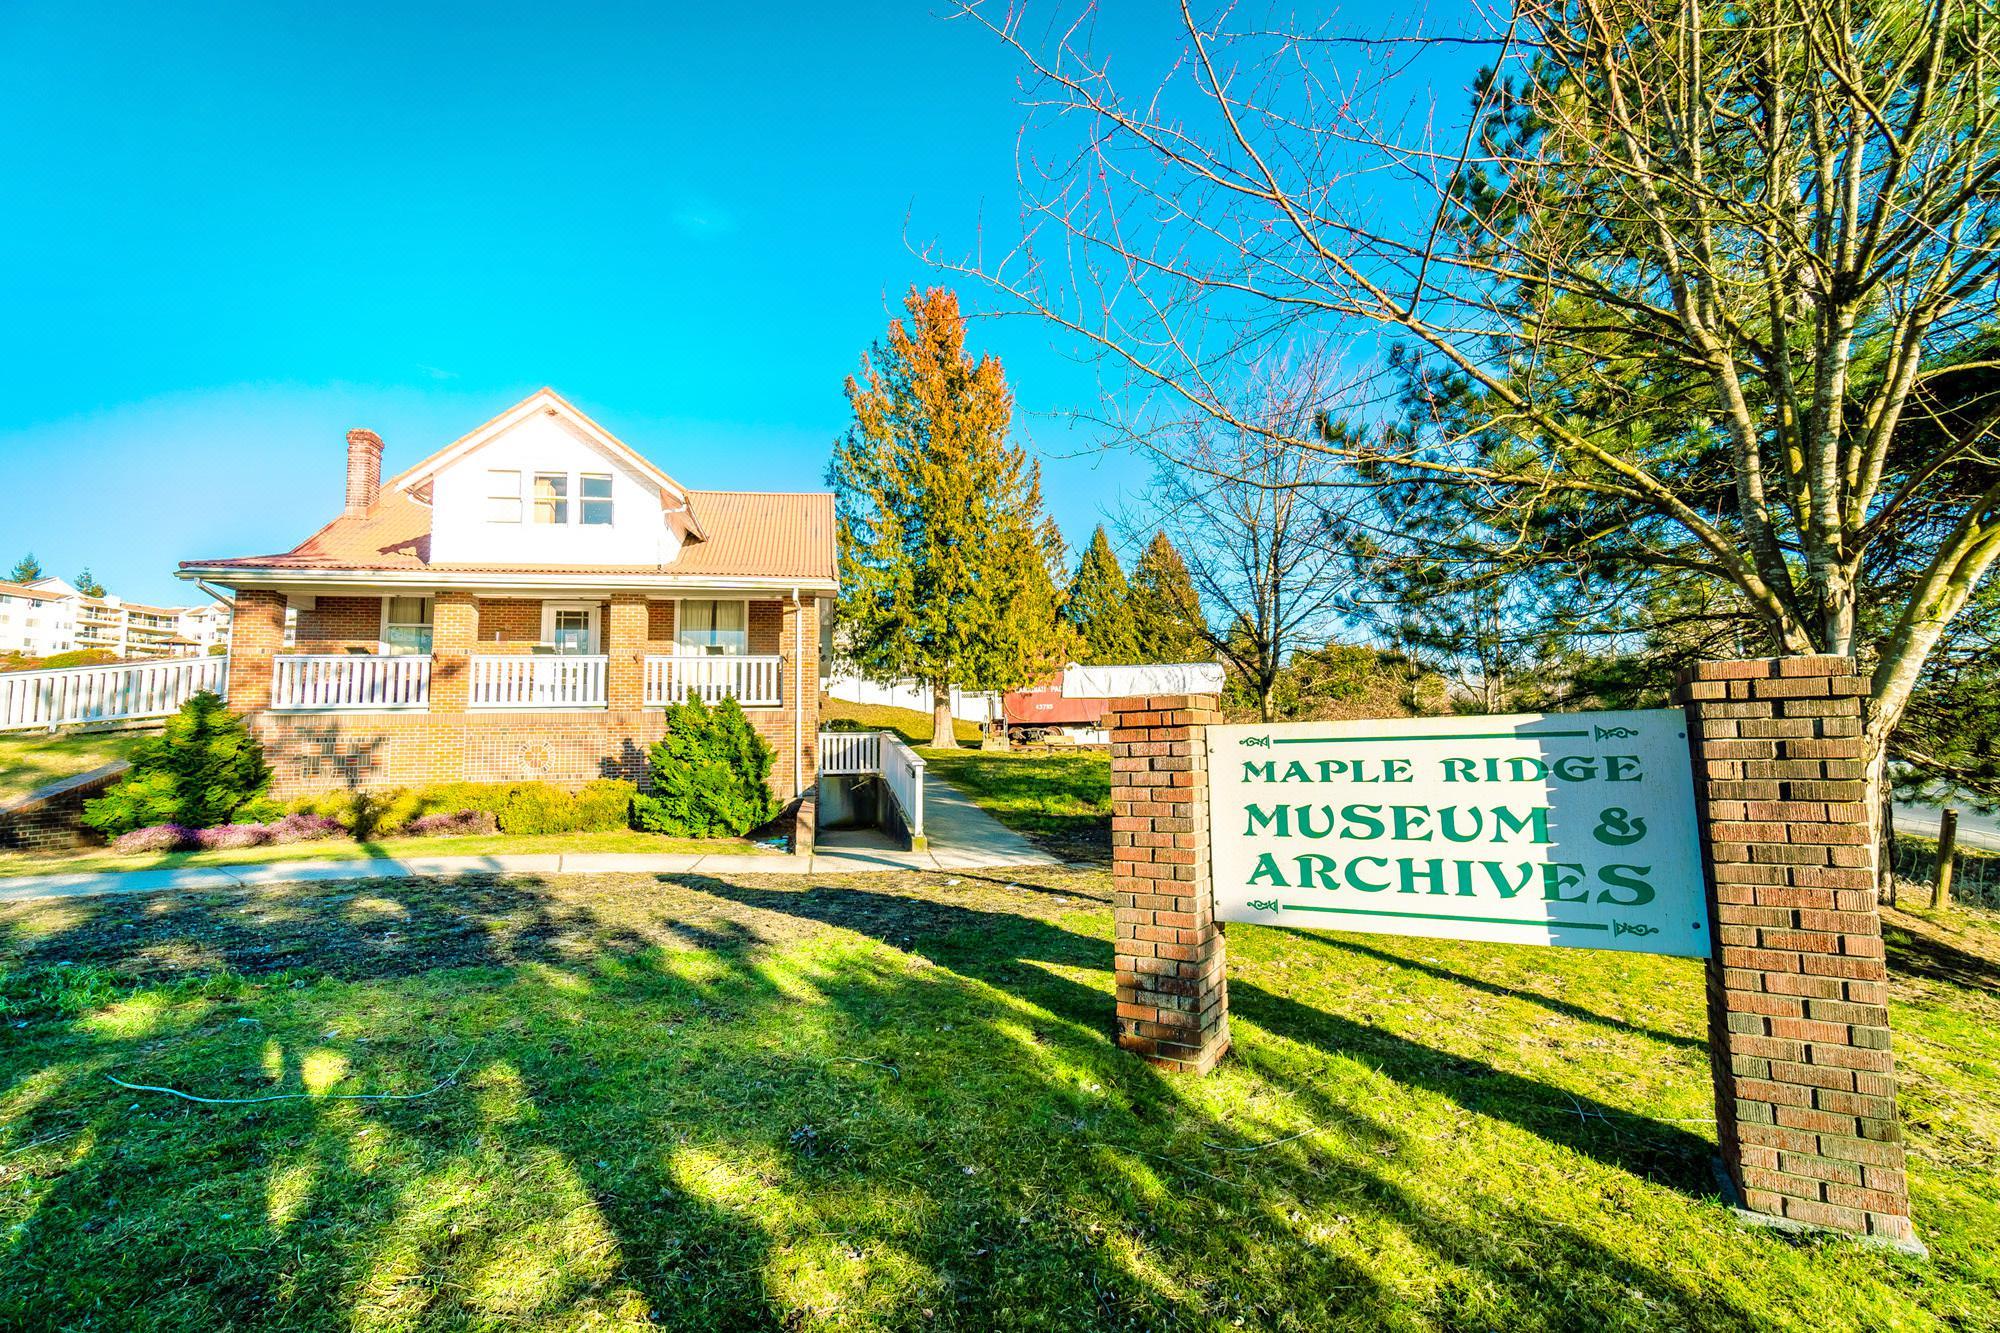 Maple Ridge Museum